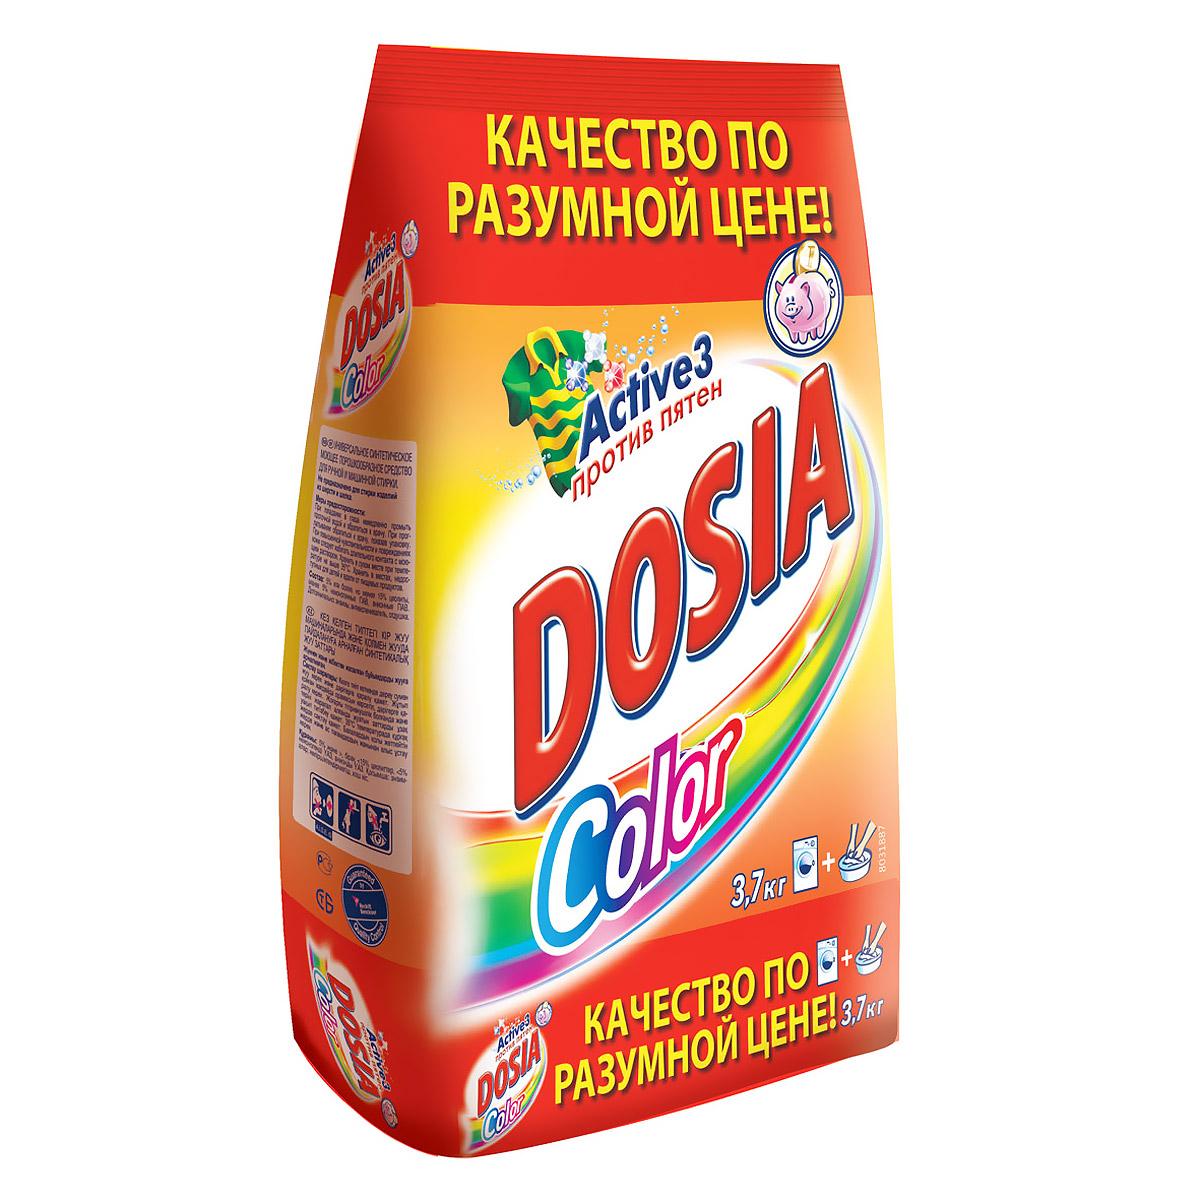 Стиральный порошок Dosia Color. Active 3, 3,7 кгBNC 401481 RUСтиральный порошок Dosia Color. Active 3 предназначен для стирки в стиральных машинах любого типа, также подходит для ручной стирки. Стиральный порошок содержит три активных компонента против различных пятен, которые: - воздействуют на волокна ткани и удаляют общие загрязнения; - удаляют сложные пятна; - не повреждают цвет вещей. Насладитесь идеальной чистотой и свежестью ваших вещей с новой Dosia!